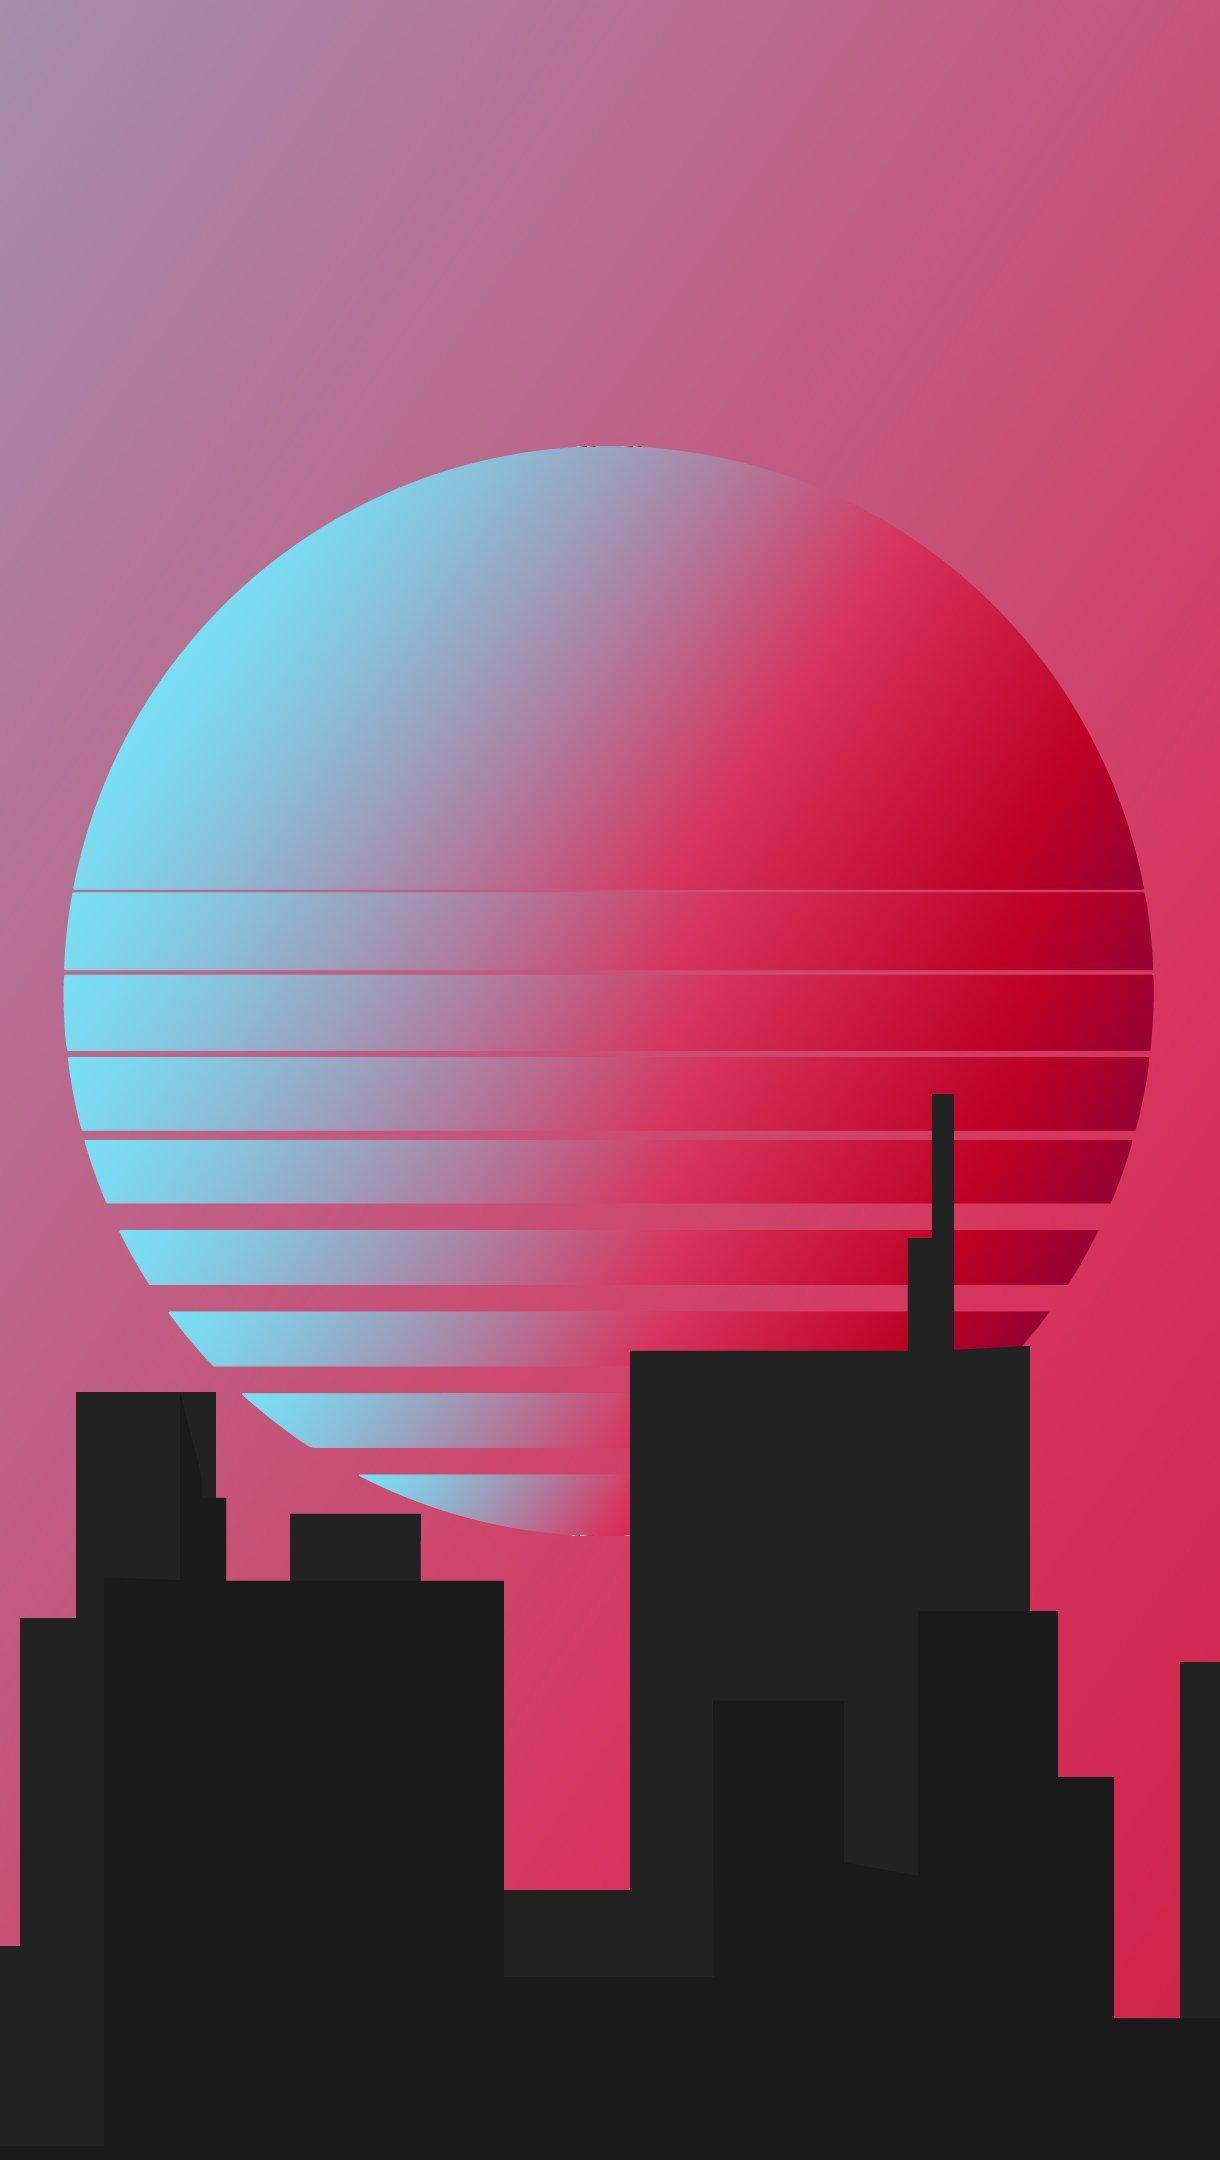 Fondos de pantalla Ciudad estilo retro minimalista Vertical